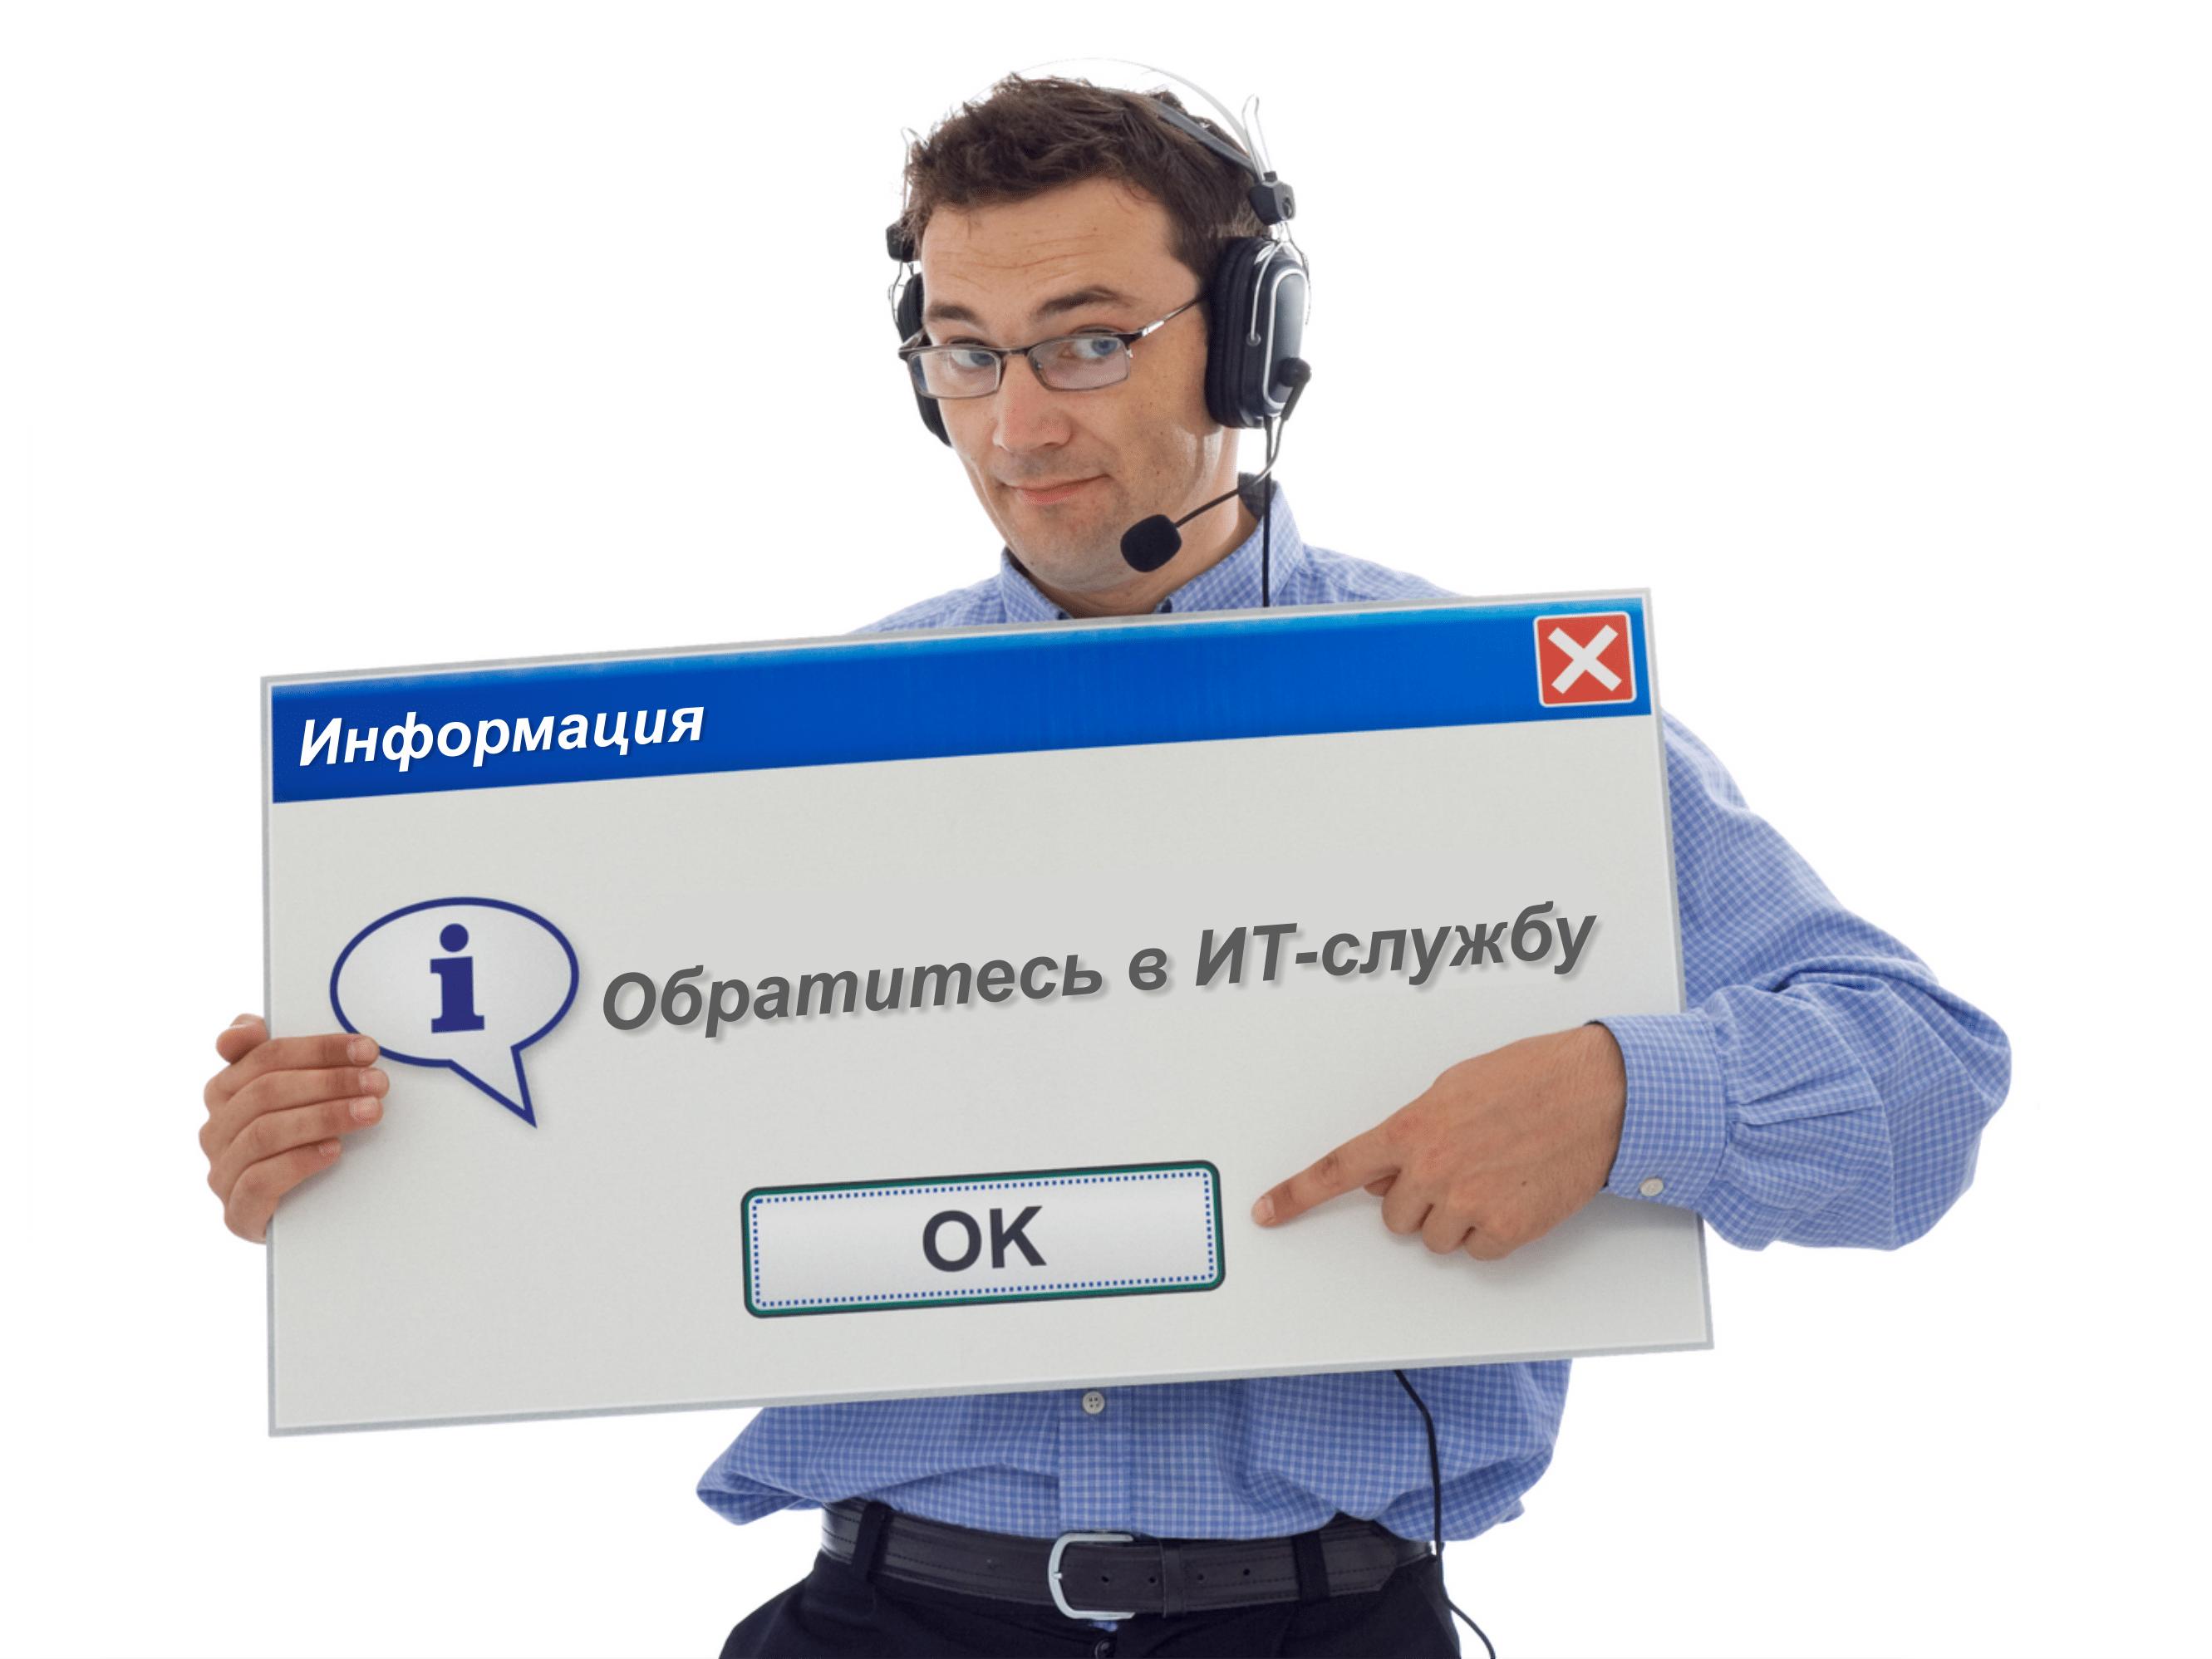 А у Вас проактивный или реактивный подход к организации работы ИТ-службы?